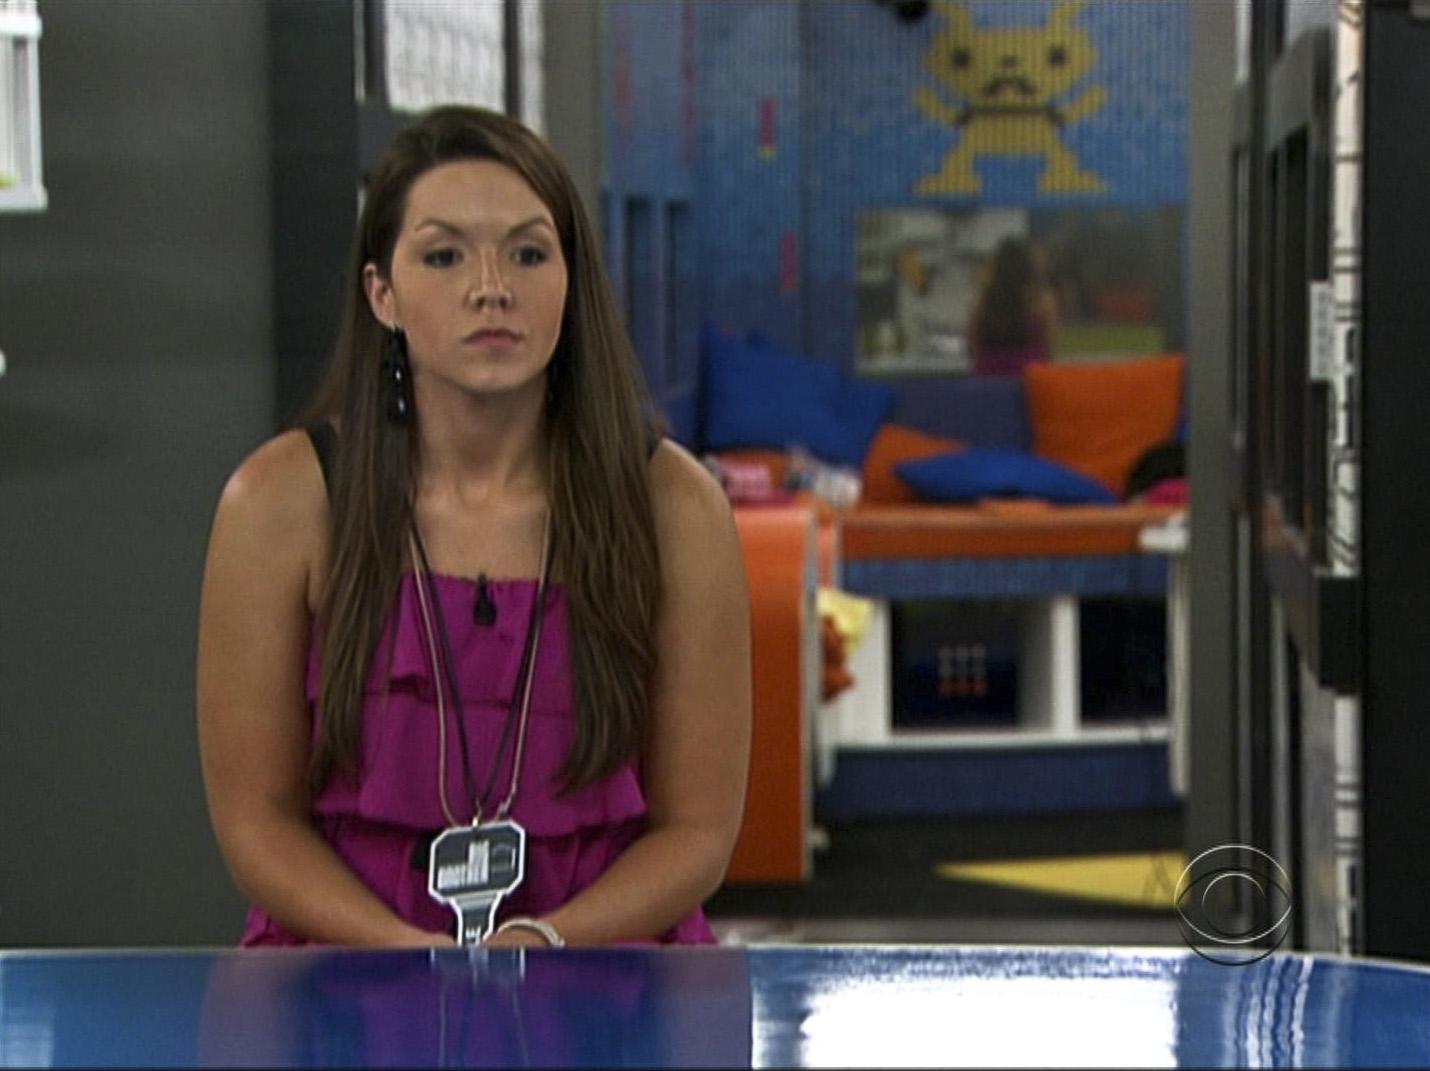 Danielle deliberates